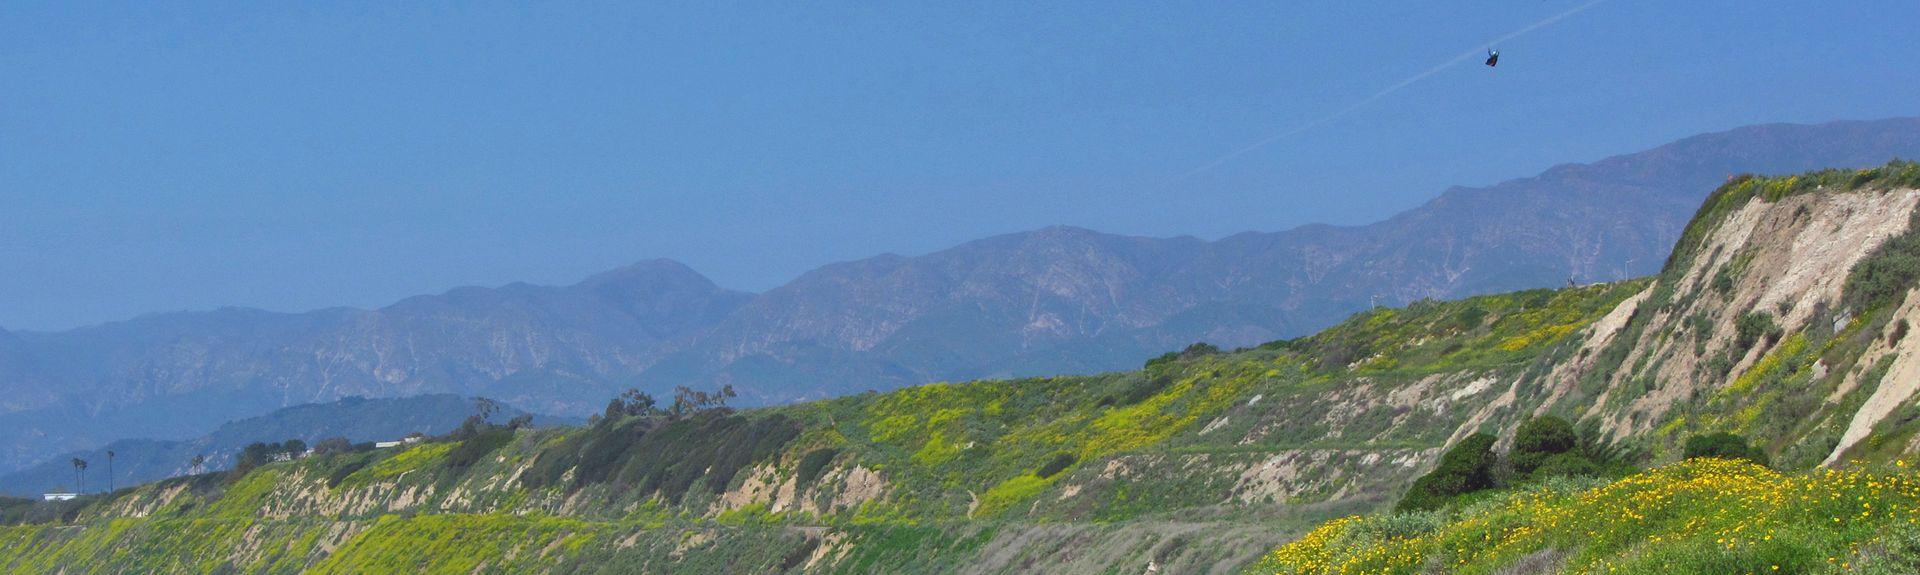 Solimar Beach, Ventura, CA, USA